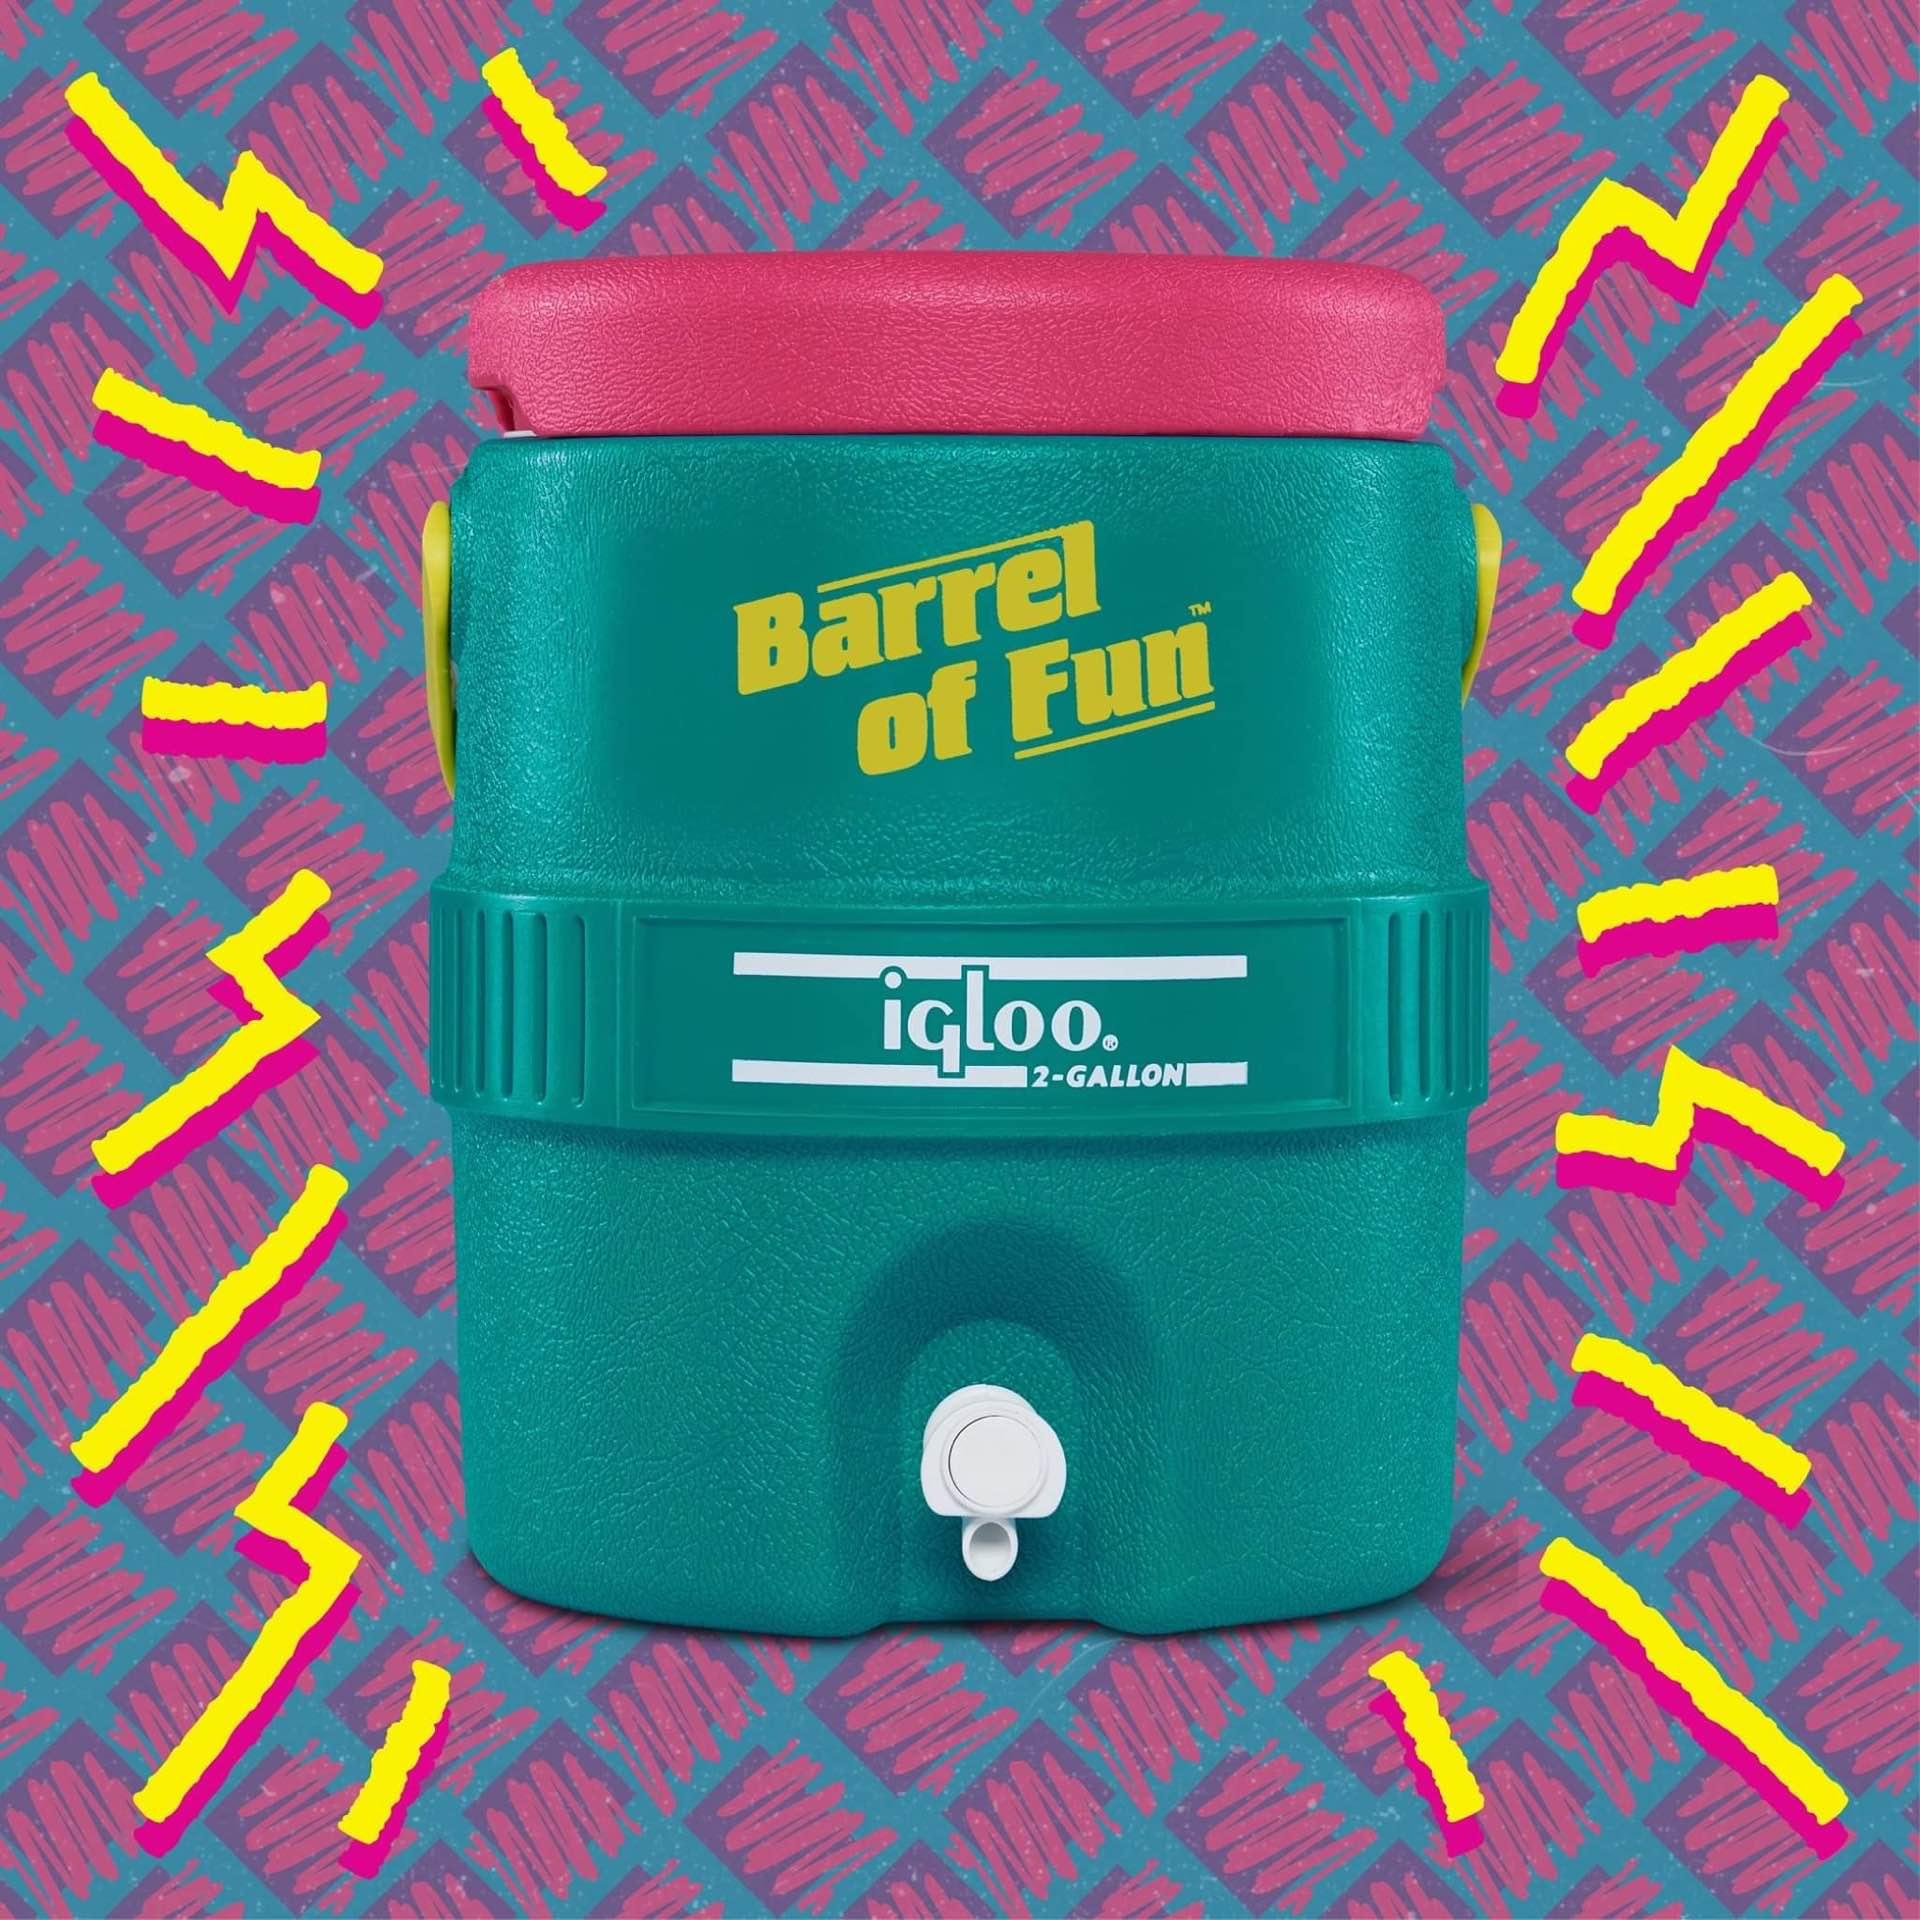 igloo-retro-barrel-of-fun-two-gallon-jug